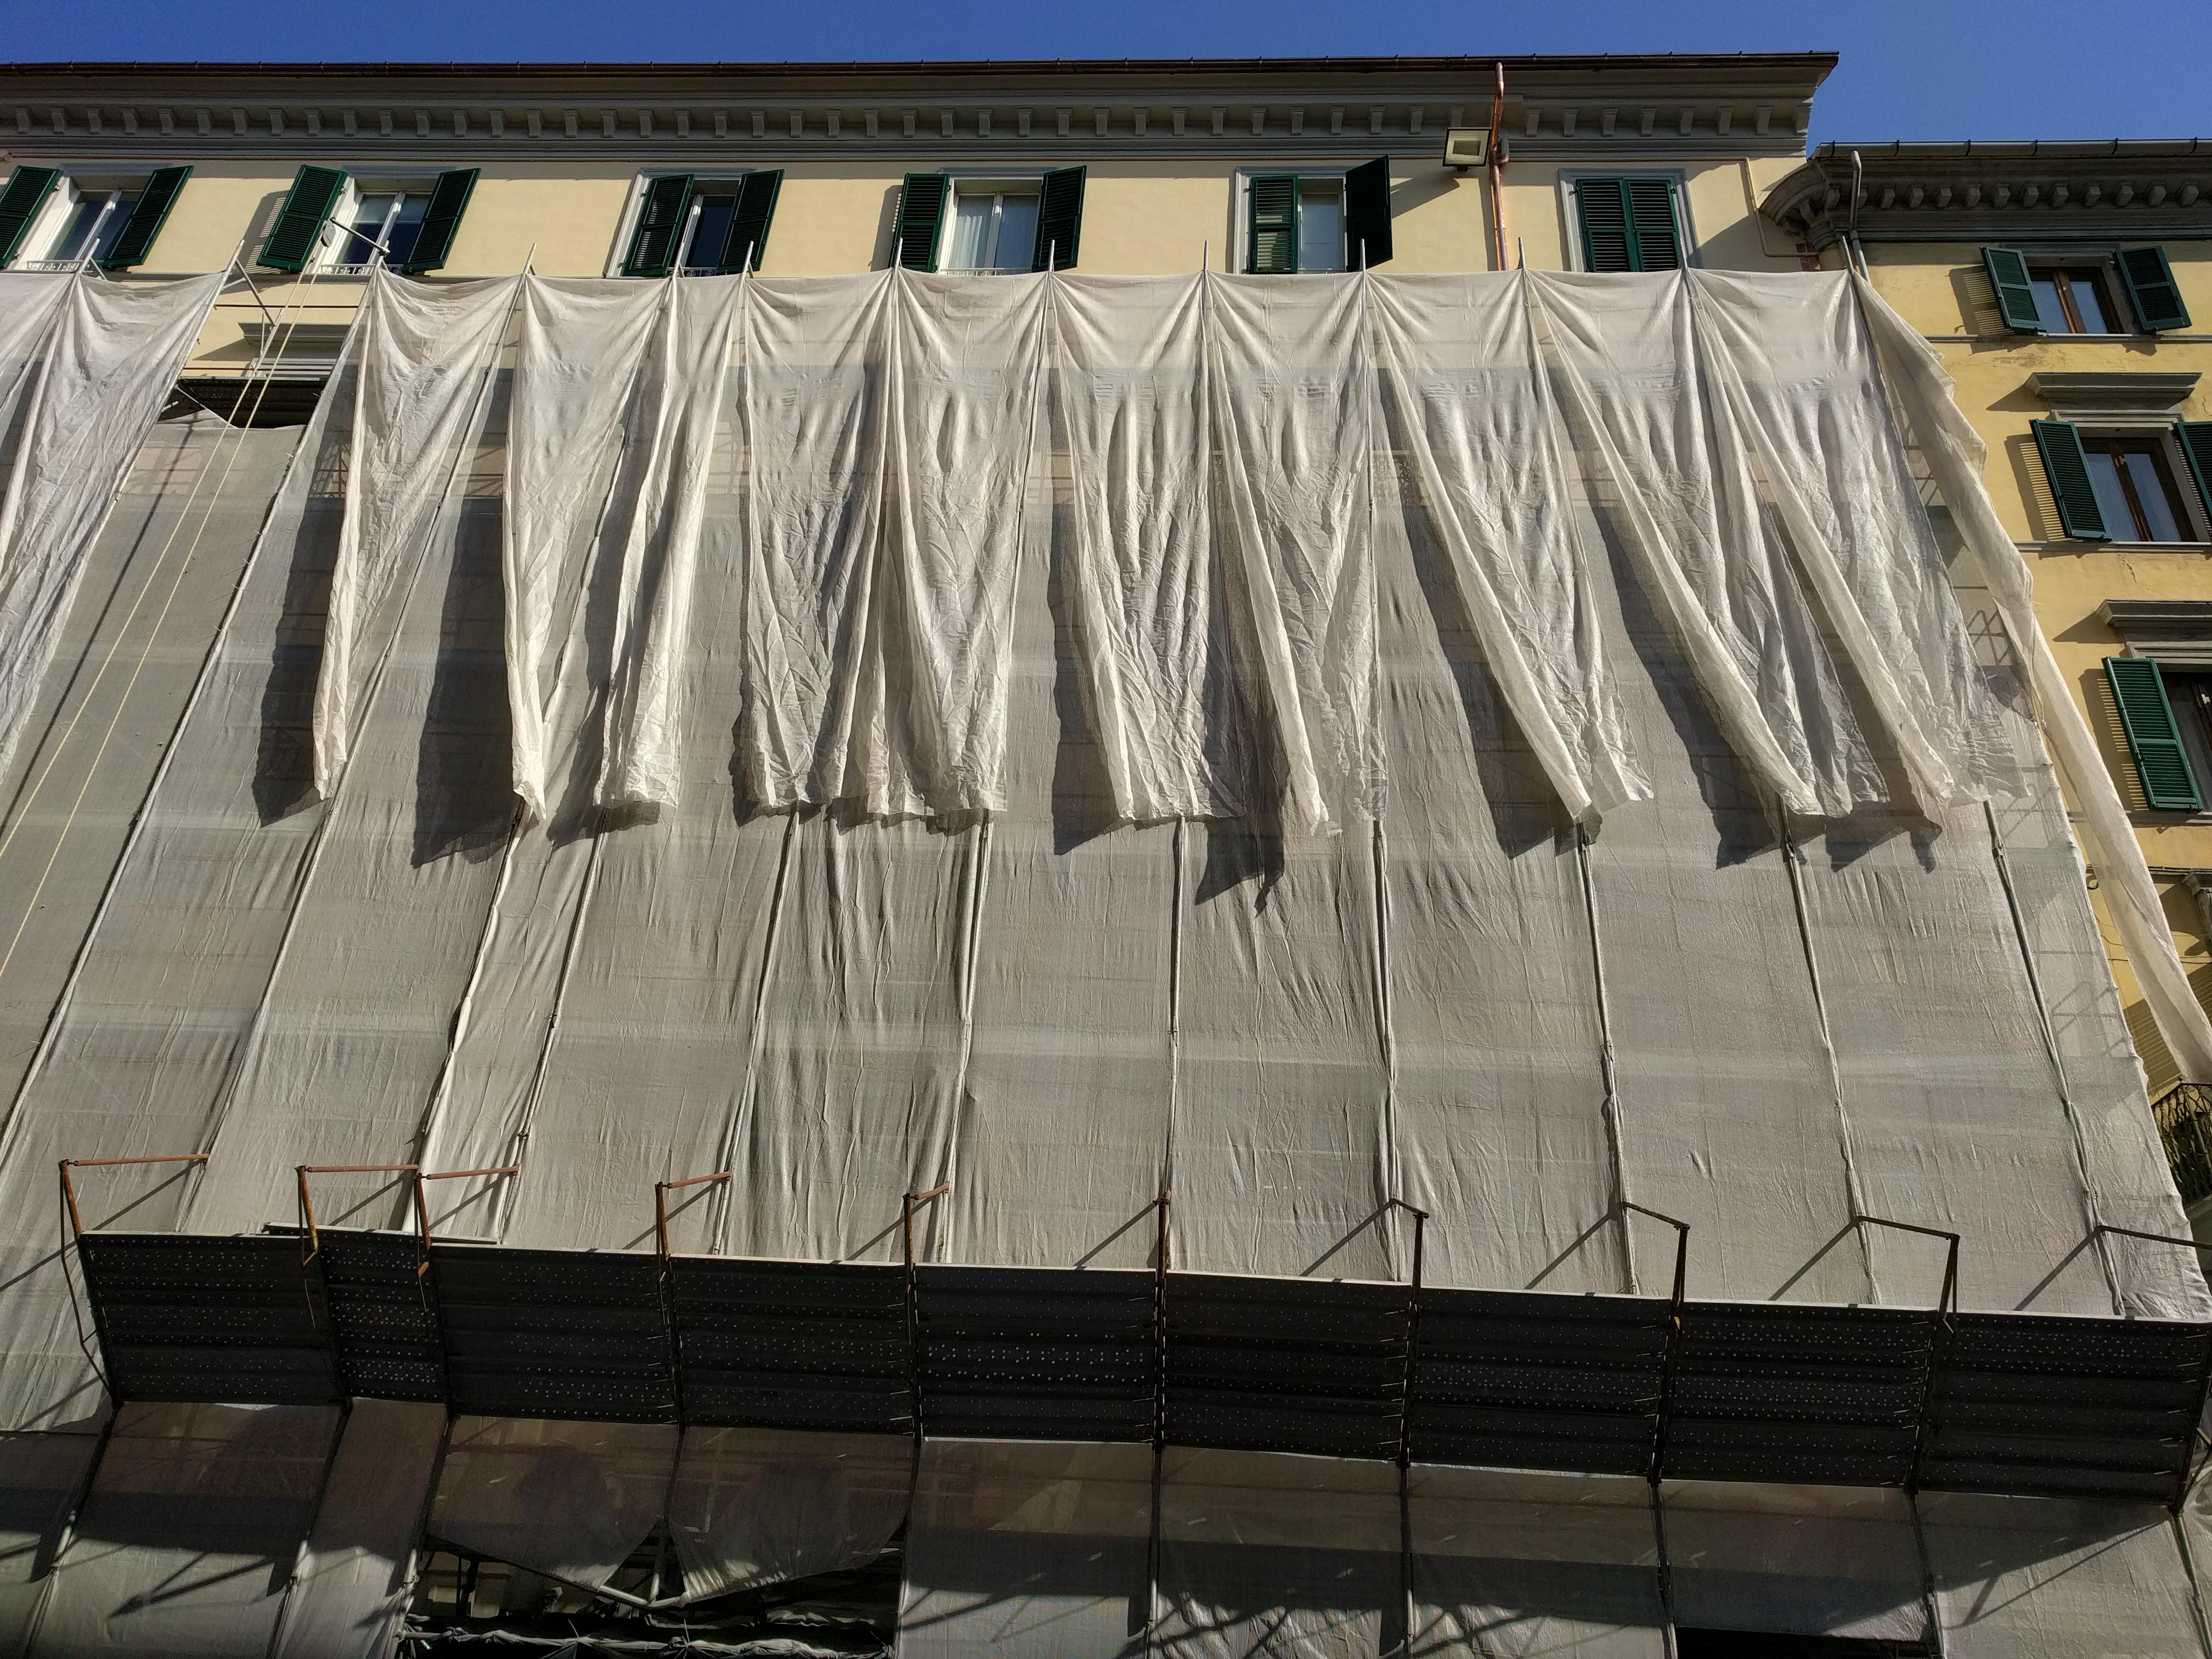 Ristrutturazioni edilizie agevolazioni fiscali valore - Agevolazioni fiscali per ristrutturazione bagno ...